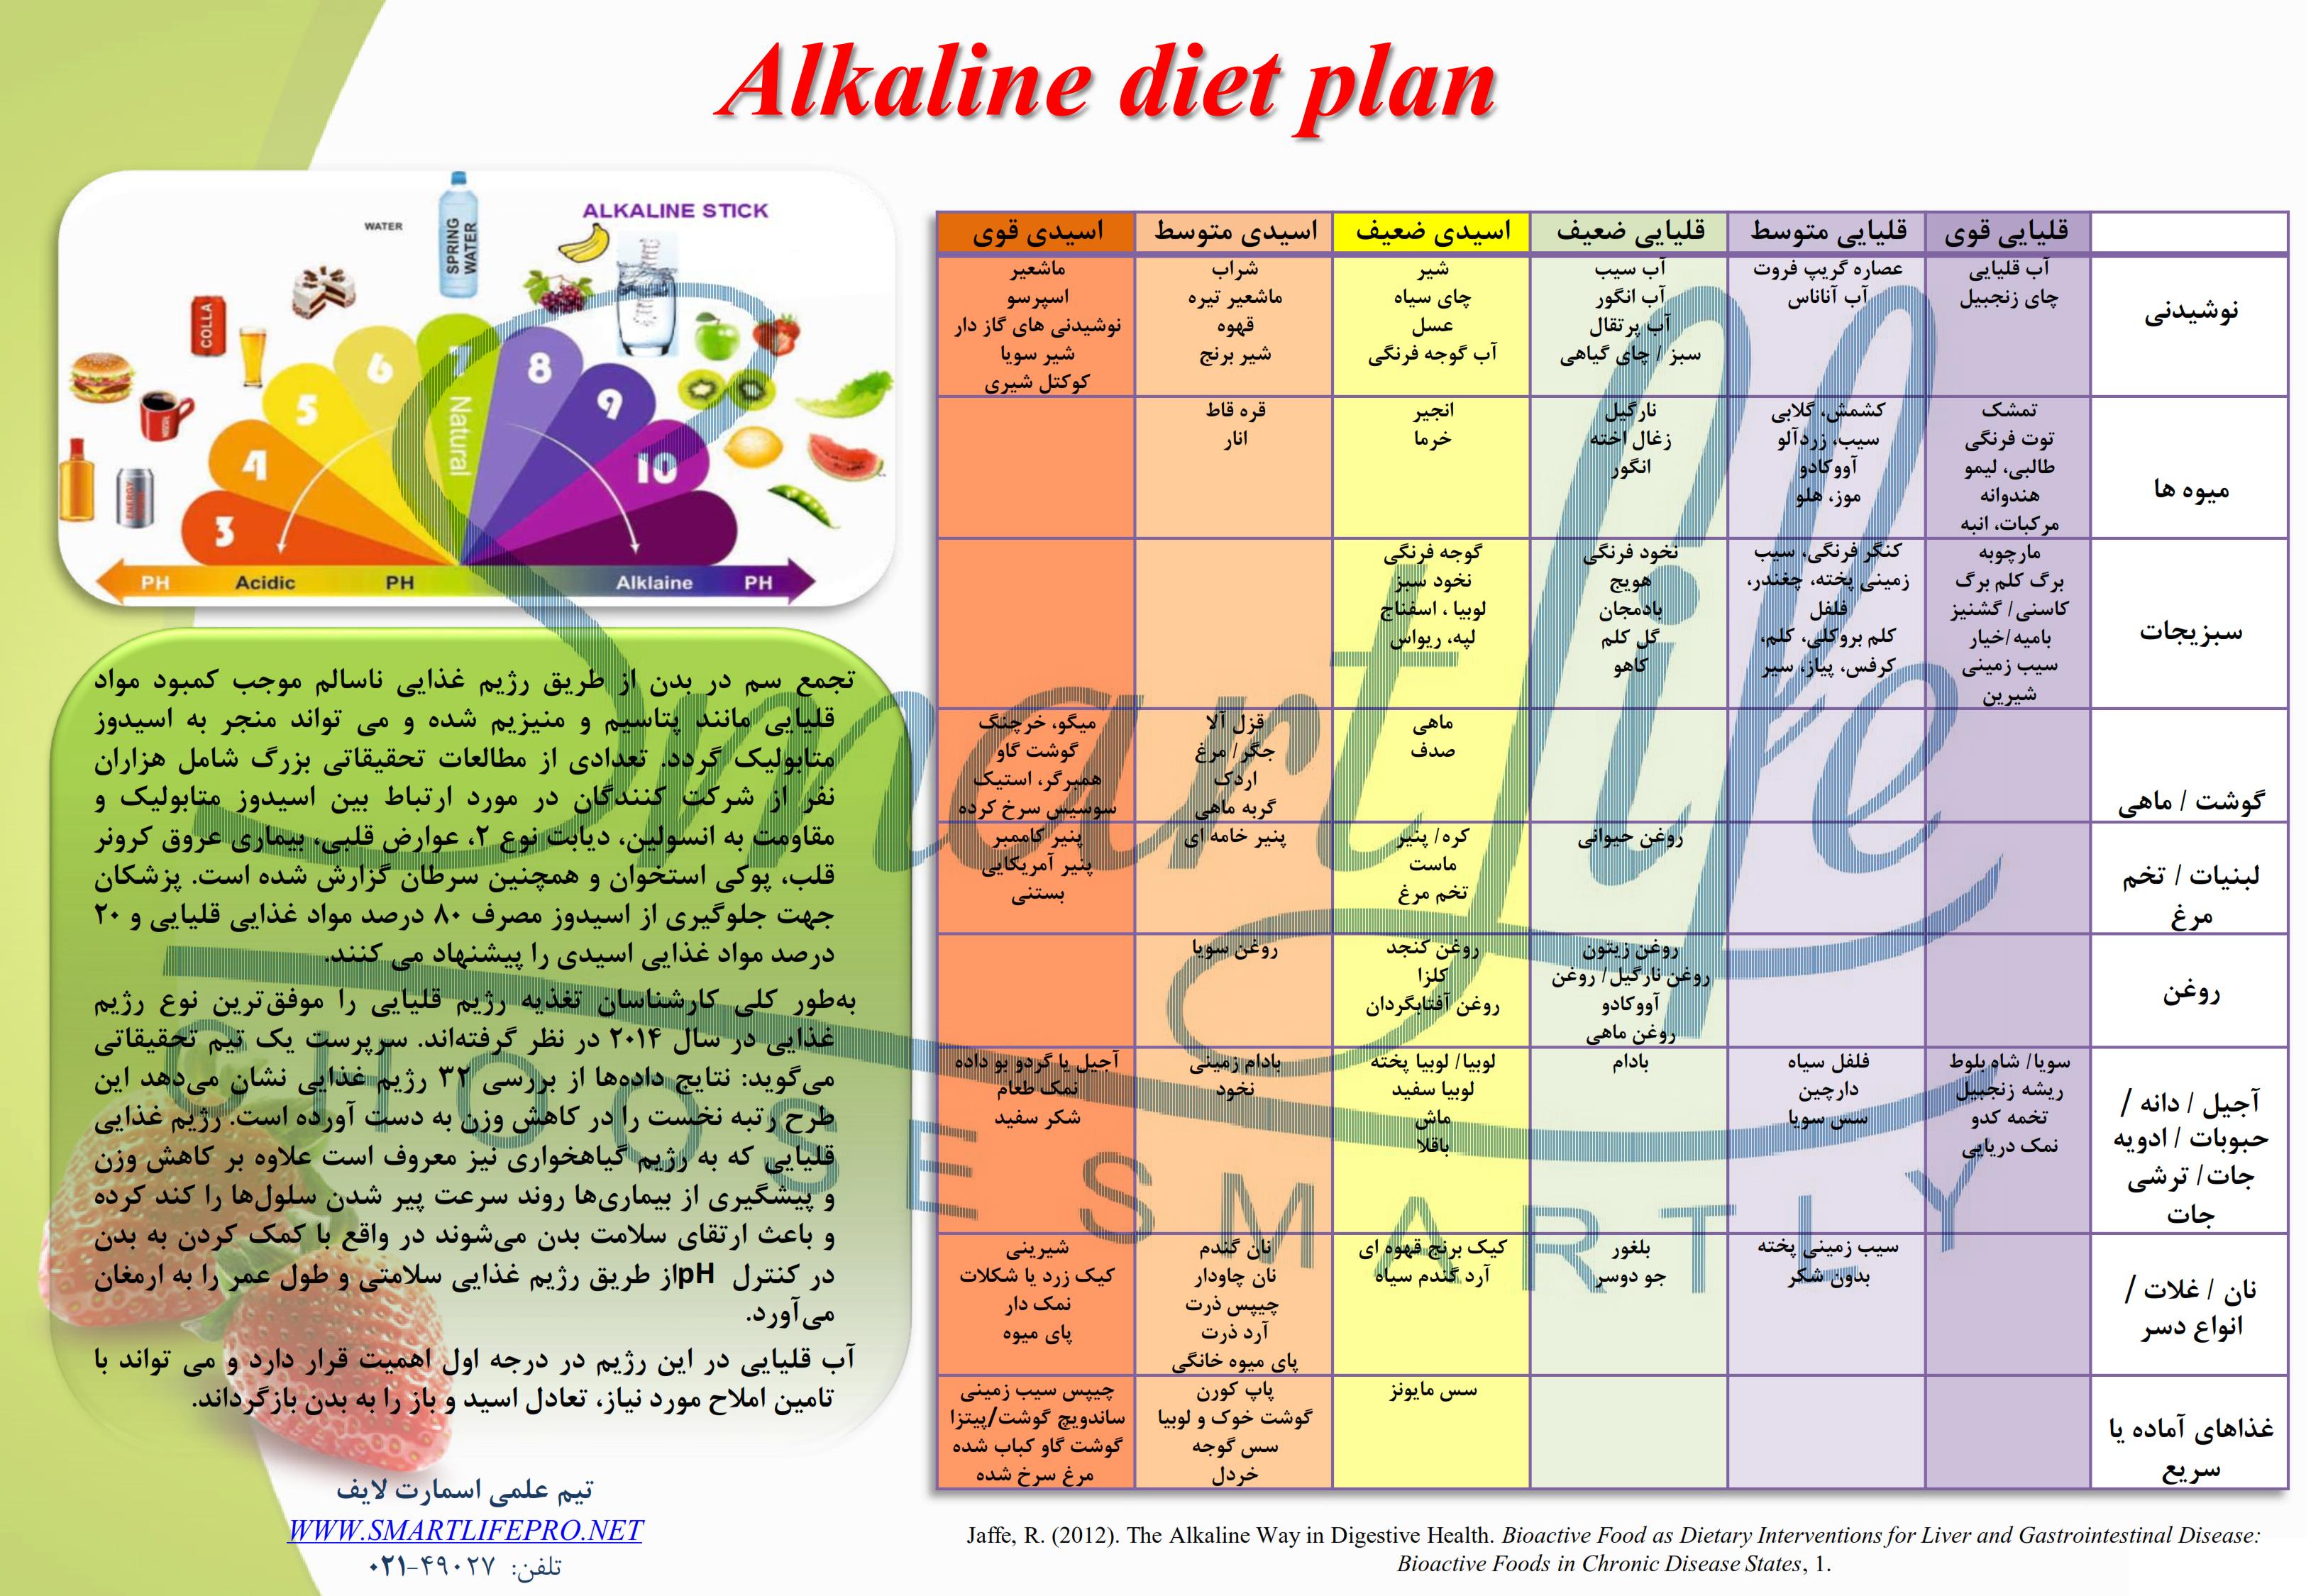 جدول رژیم غذایی آلکالاین, آب قلیایی, رژیم قلیایی, اسیدی-قلیایی, مواد غذایی, رژیم لاغری, آنتی اکسیدان, آب غنی شده, استیک آلکالاین